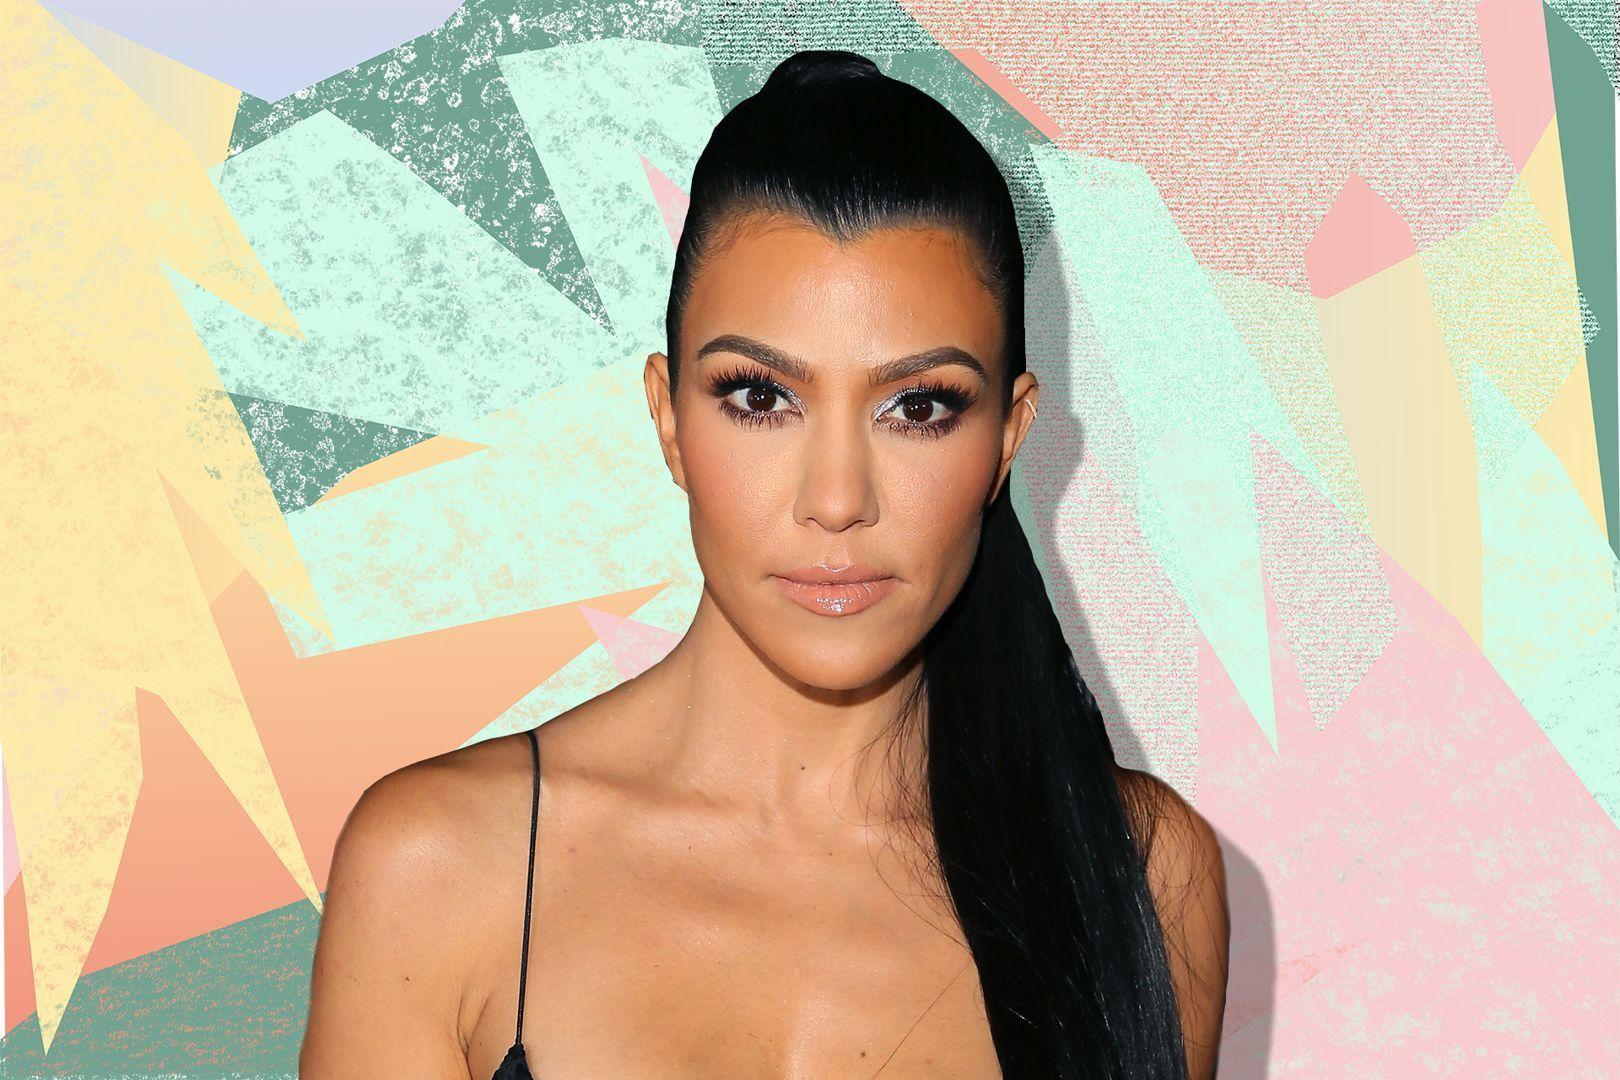 Kourtney Kardashian is being mumshamed for not tweezing her year